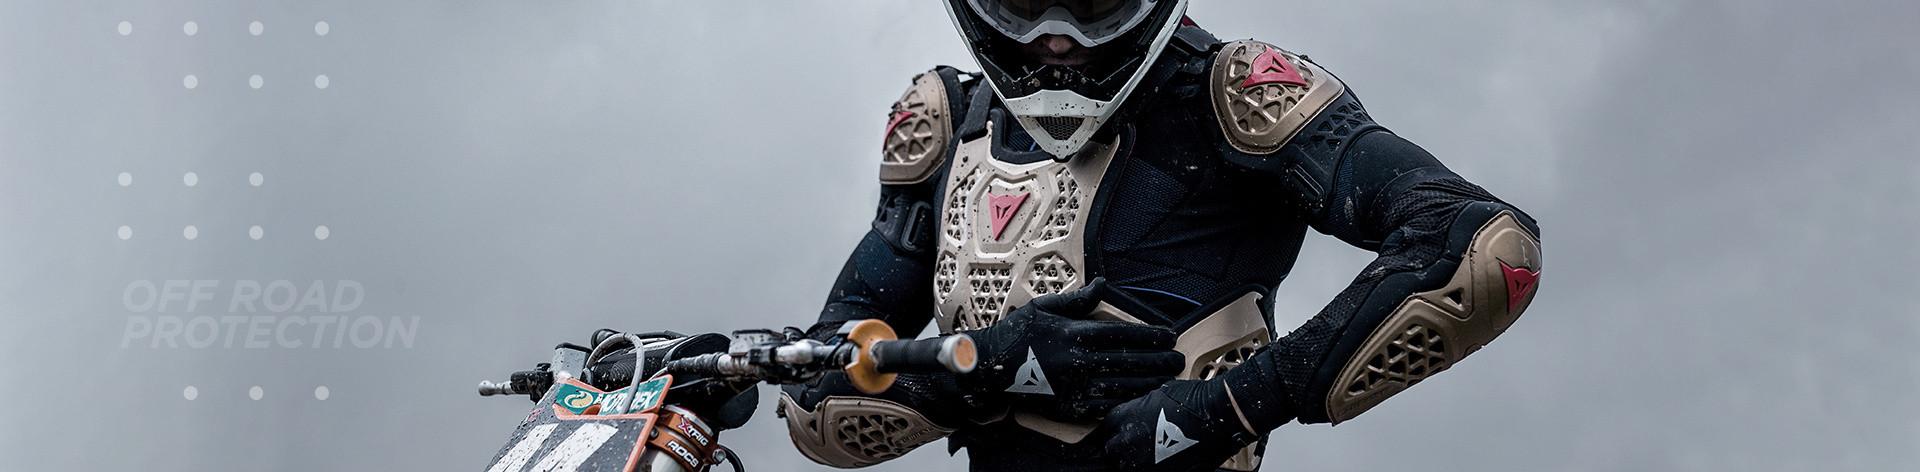 Dainese Motorbike